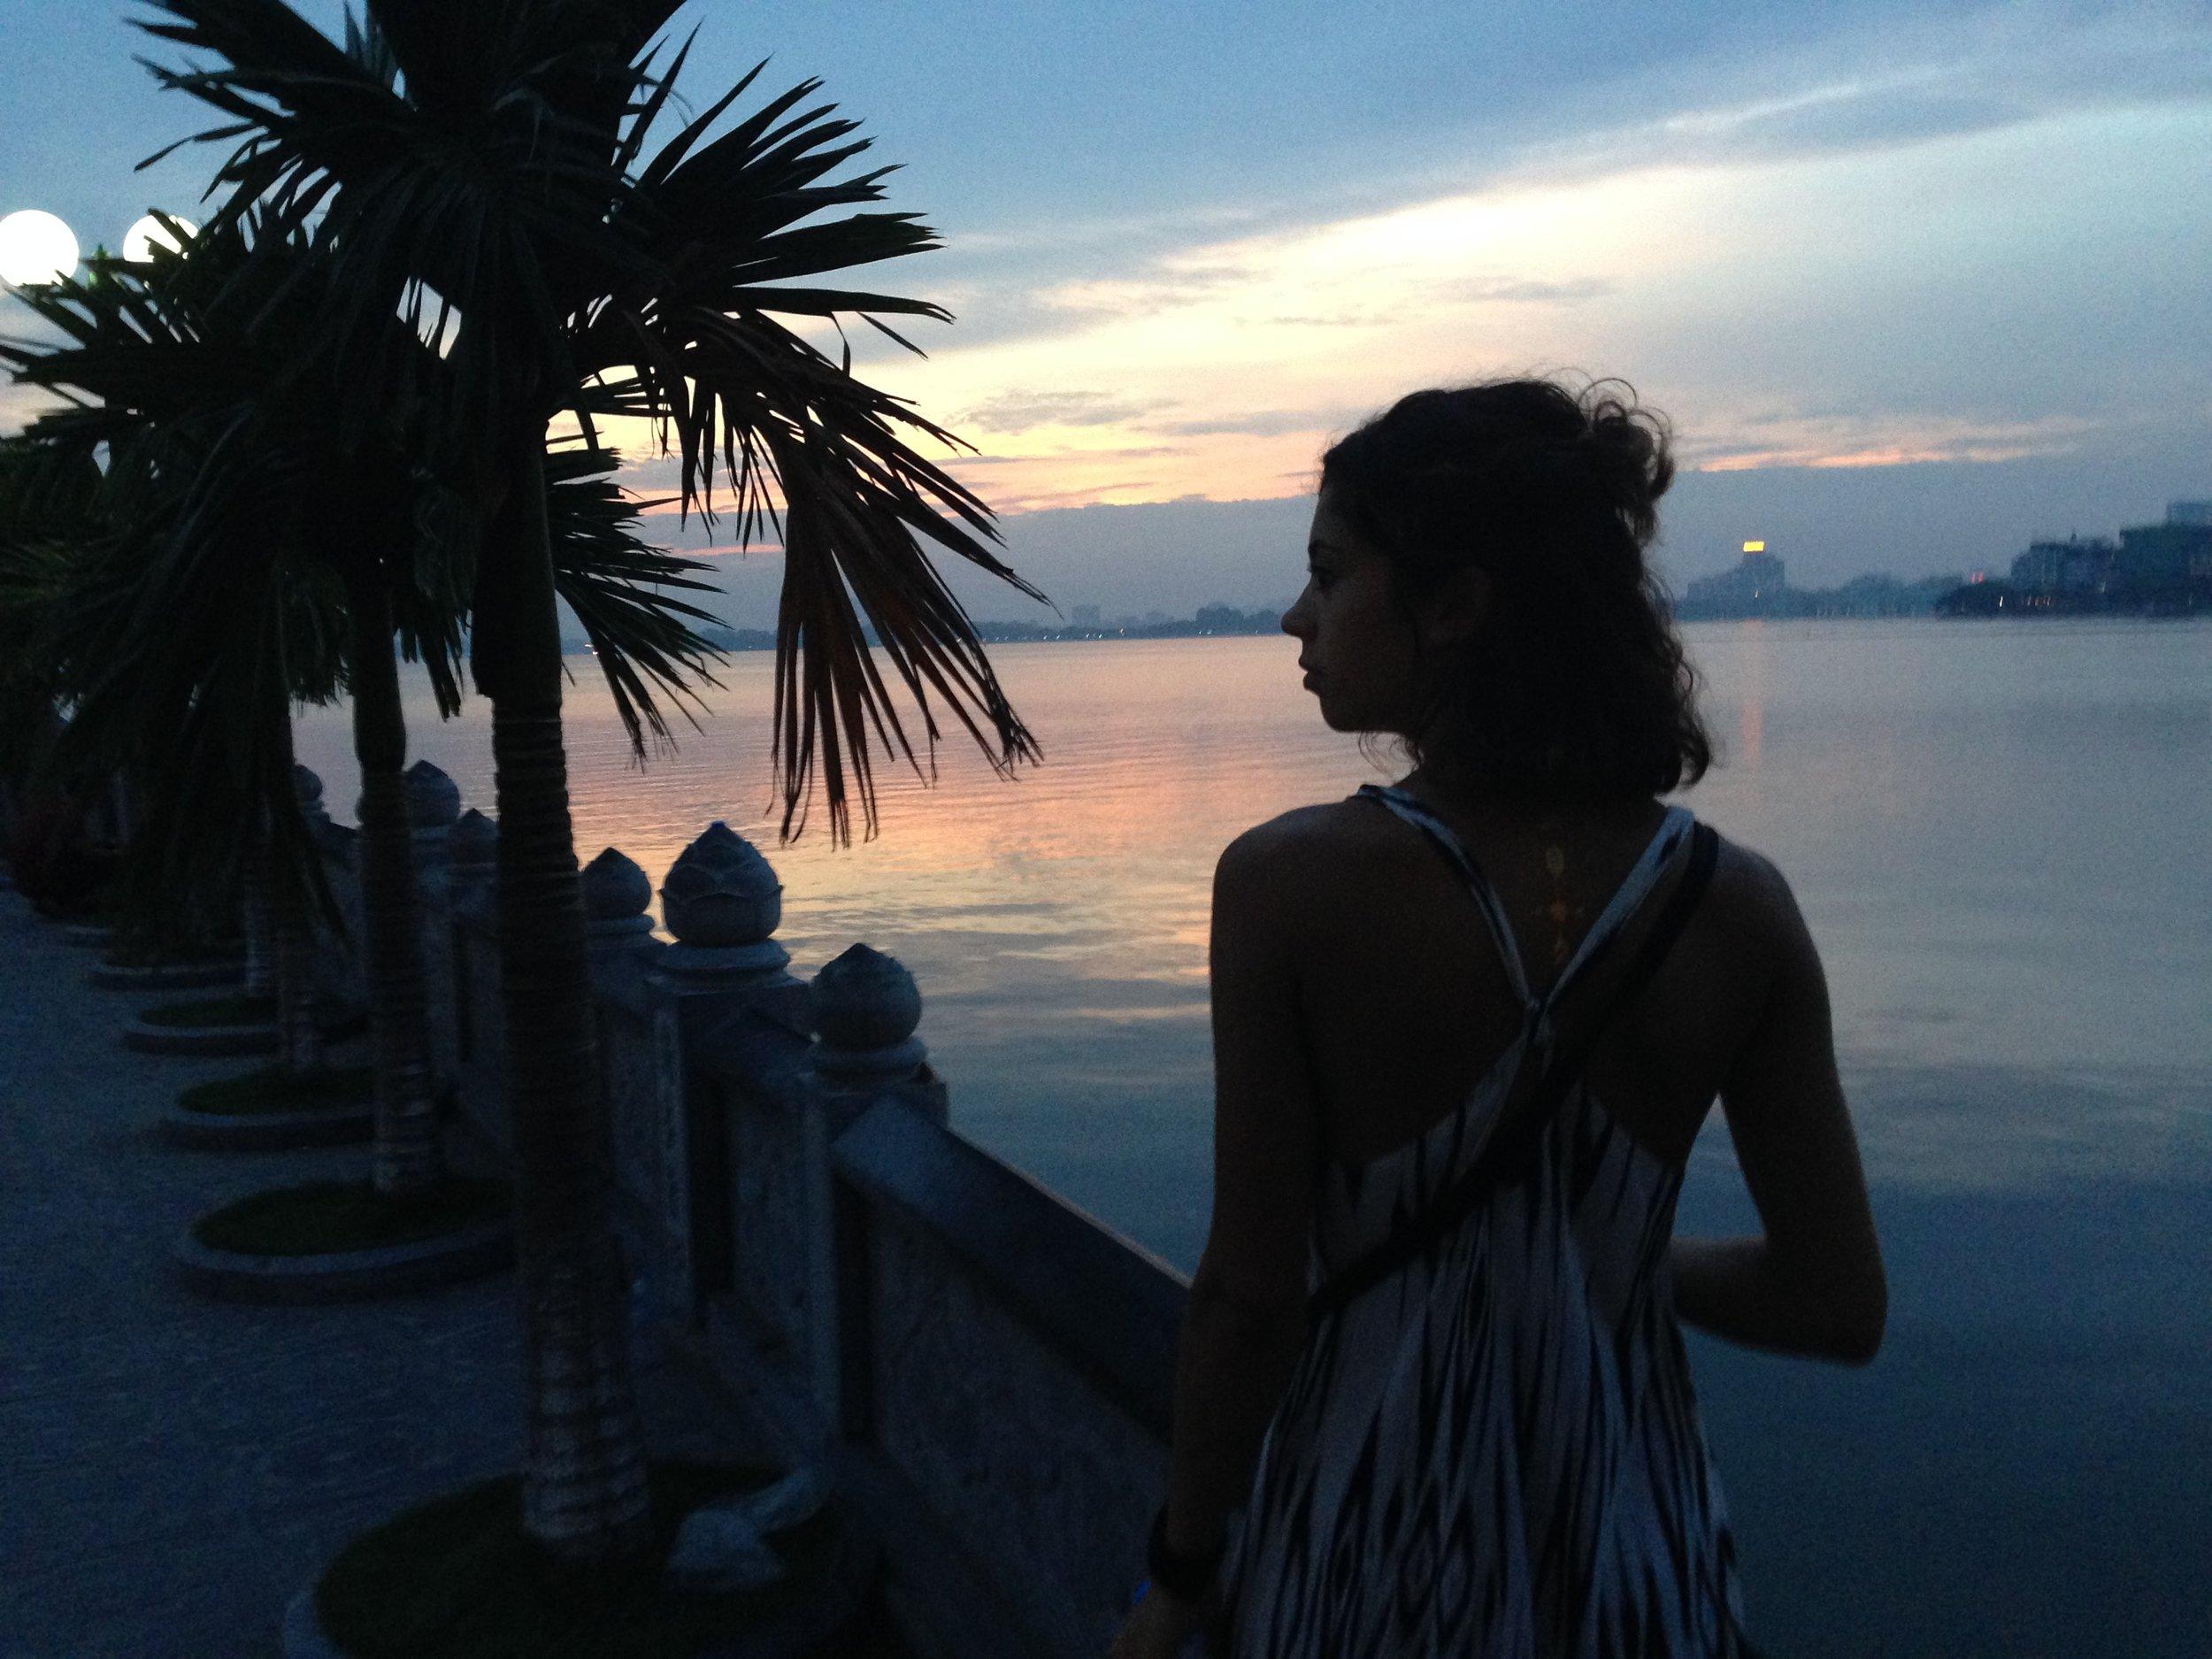 West Lake in Hanoi, Vietnam - illumelation.com